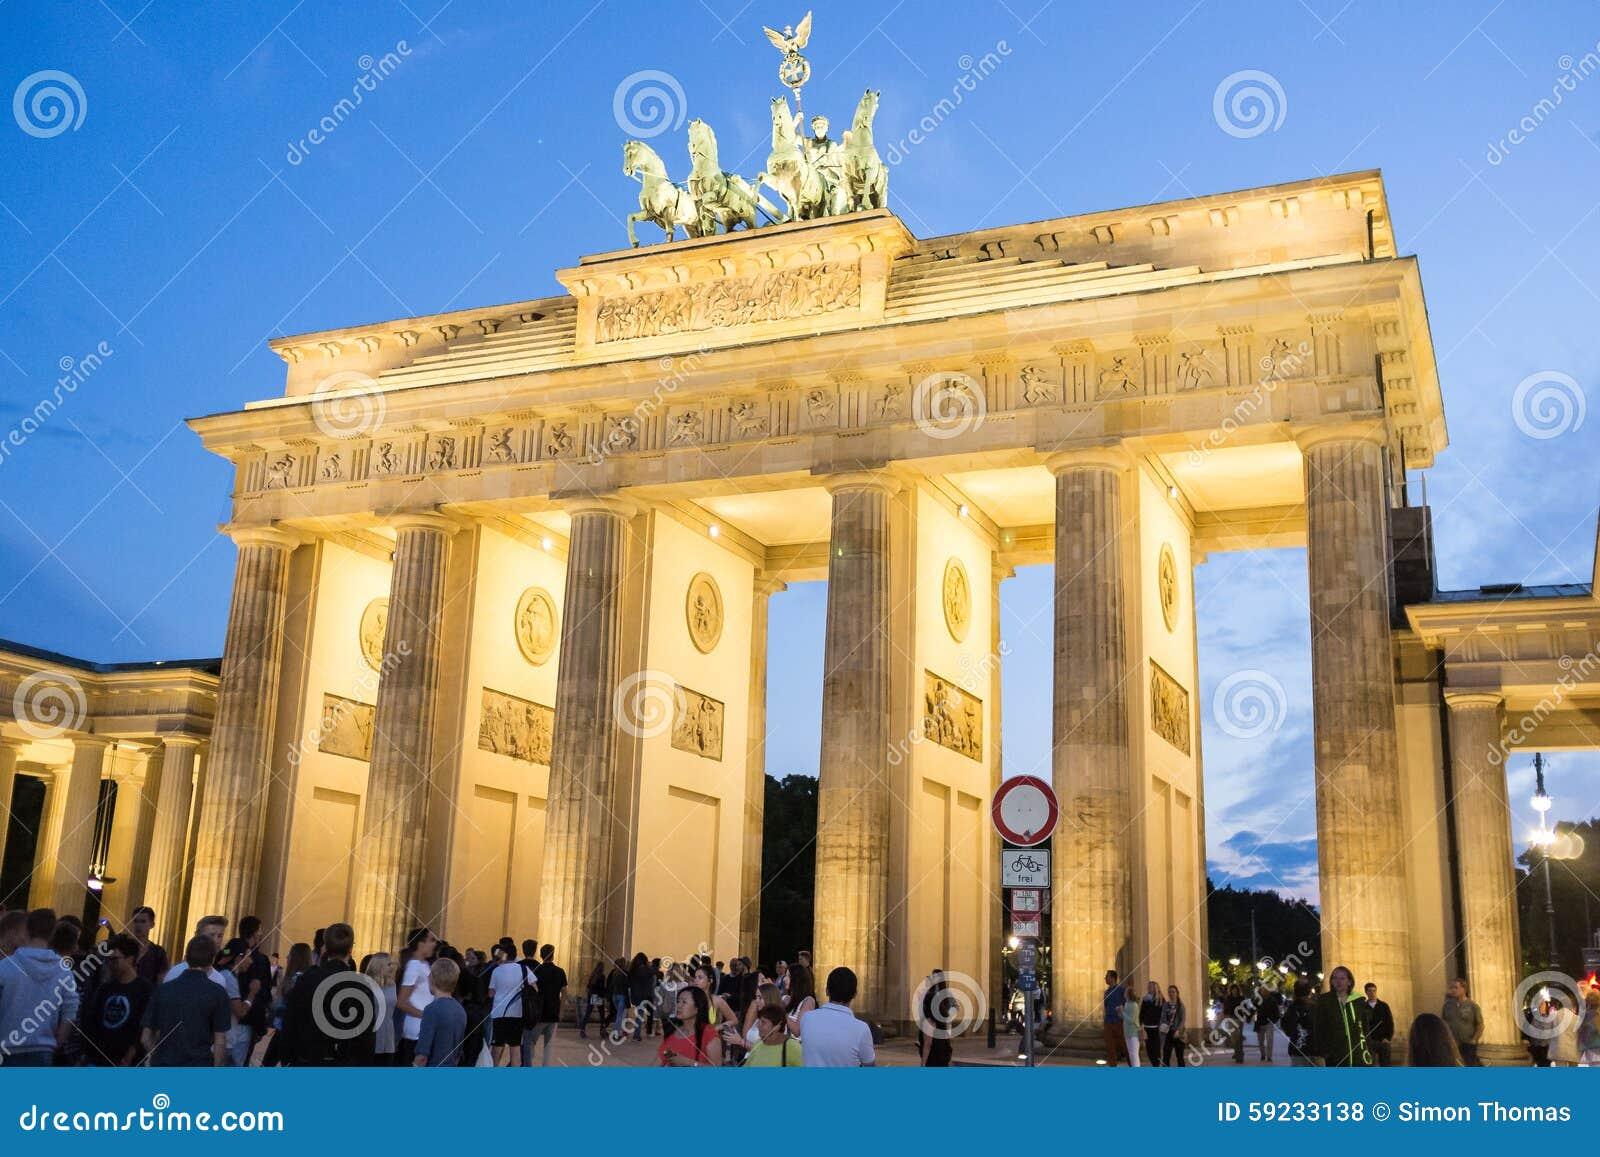 Download Puerta de Brandenburgo foto de archivo editorial. Imagen de alemania - 59233138